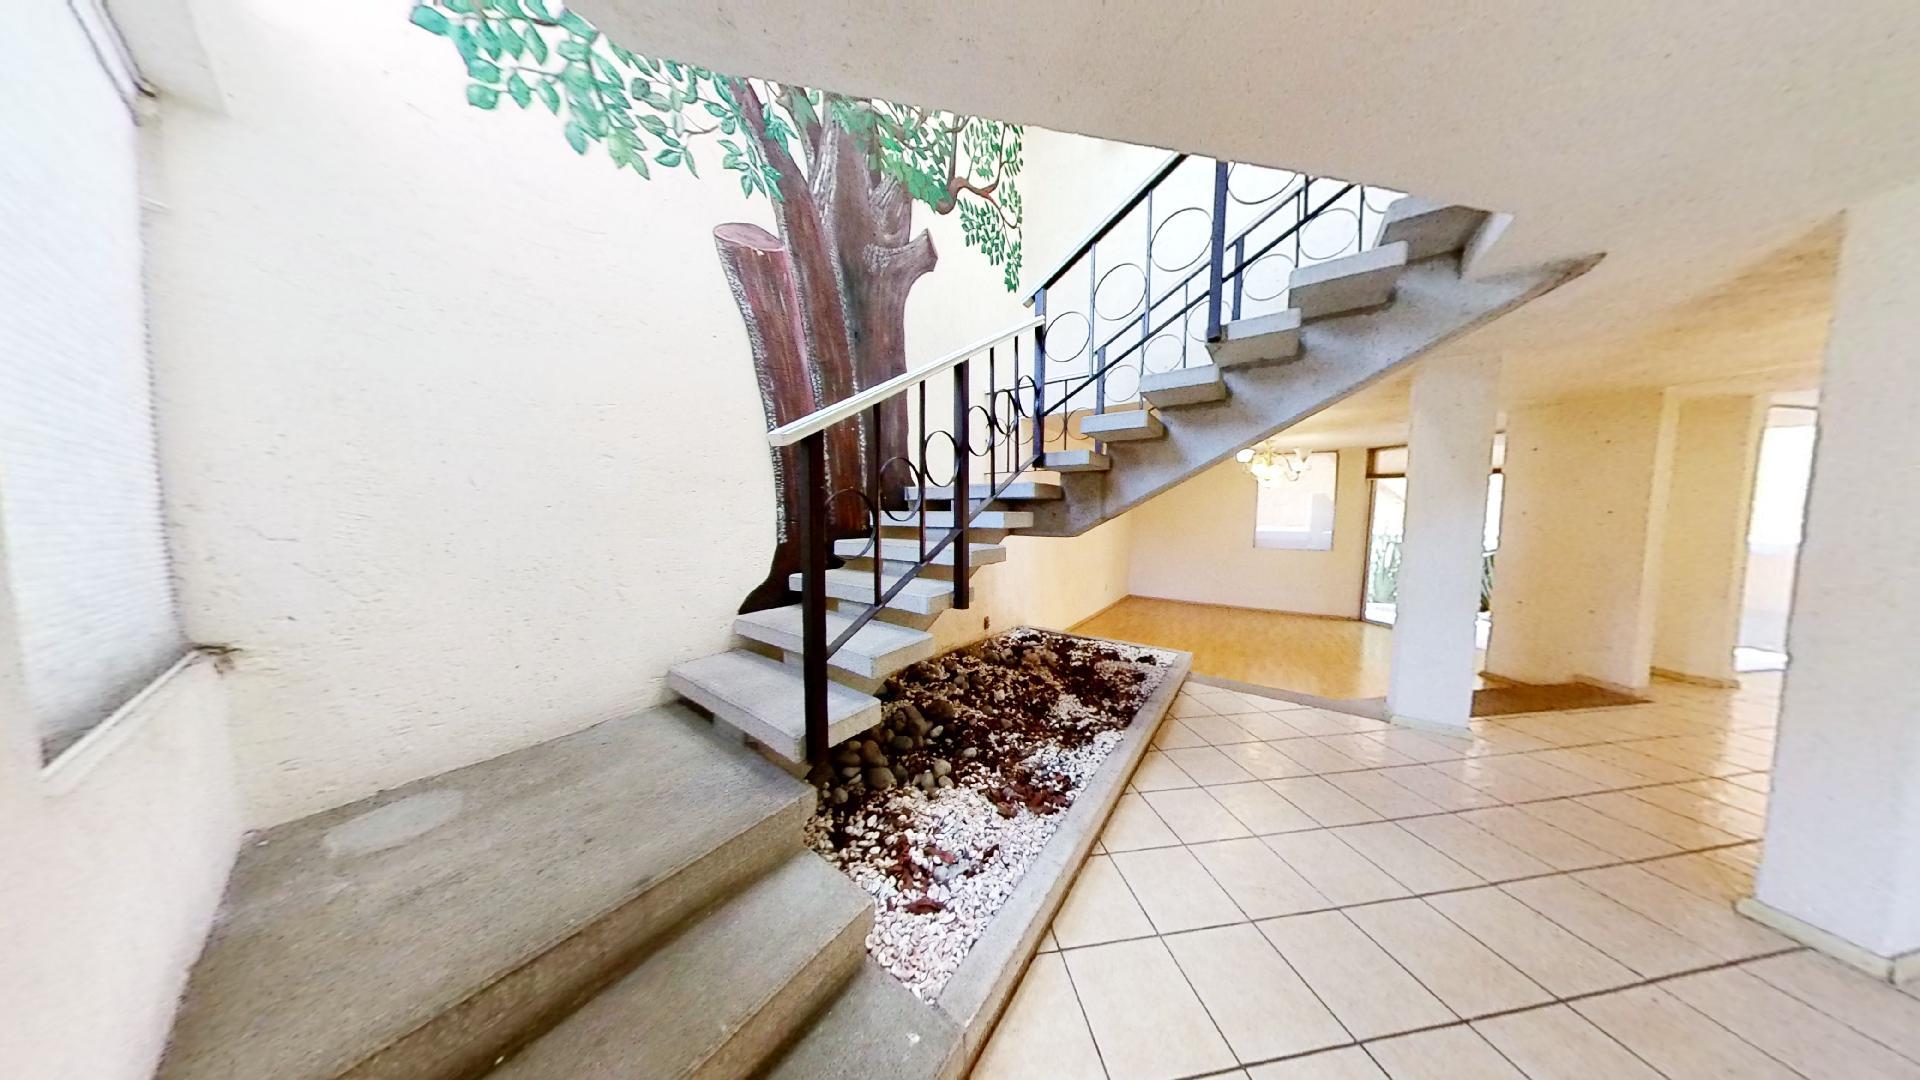 Casa en venta de 3 recámaras en Condominio Los Fresnos, Naucalpan de Juárez, entre Lomas Verdes y Jardines de San Mateo, EDOMEX. Escalera. Entrada